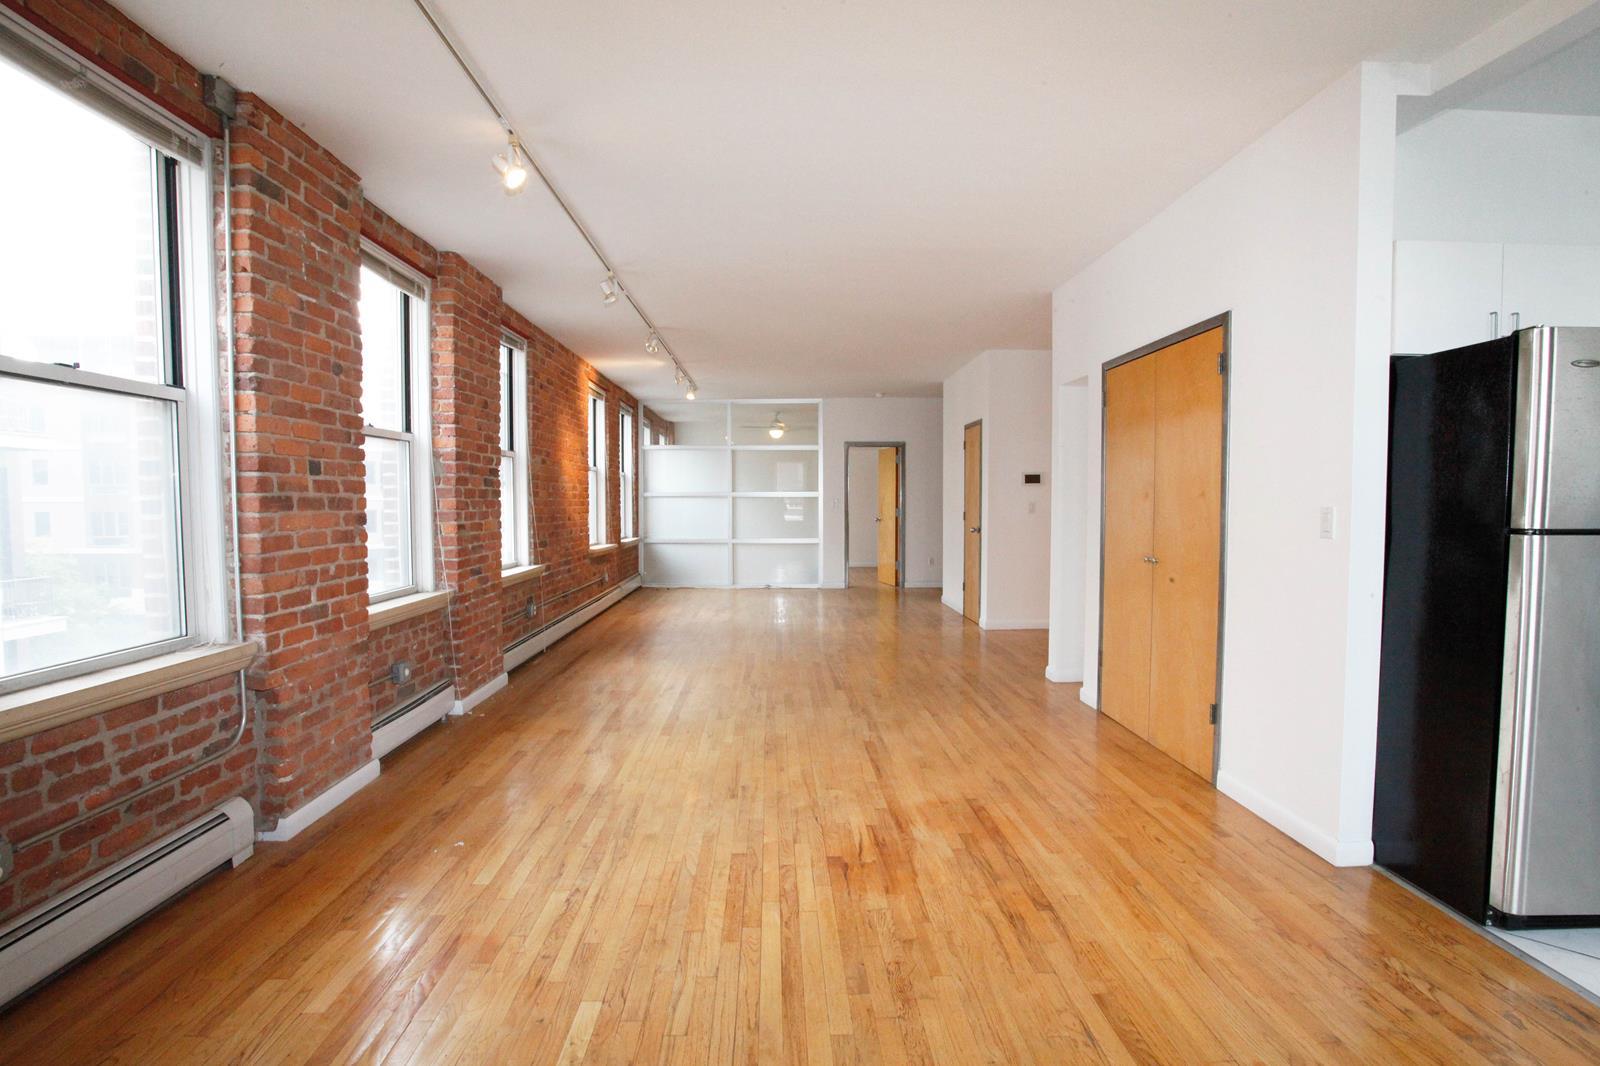 425 Keap Street, Apt 3-B, Brooklyn, New York 11211